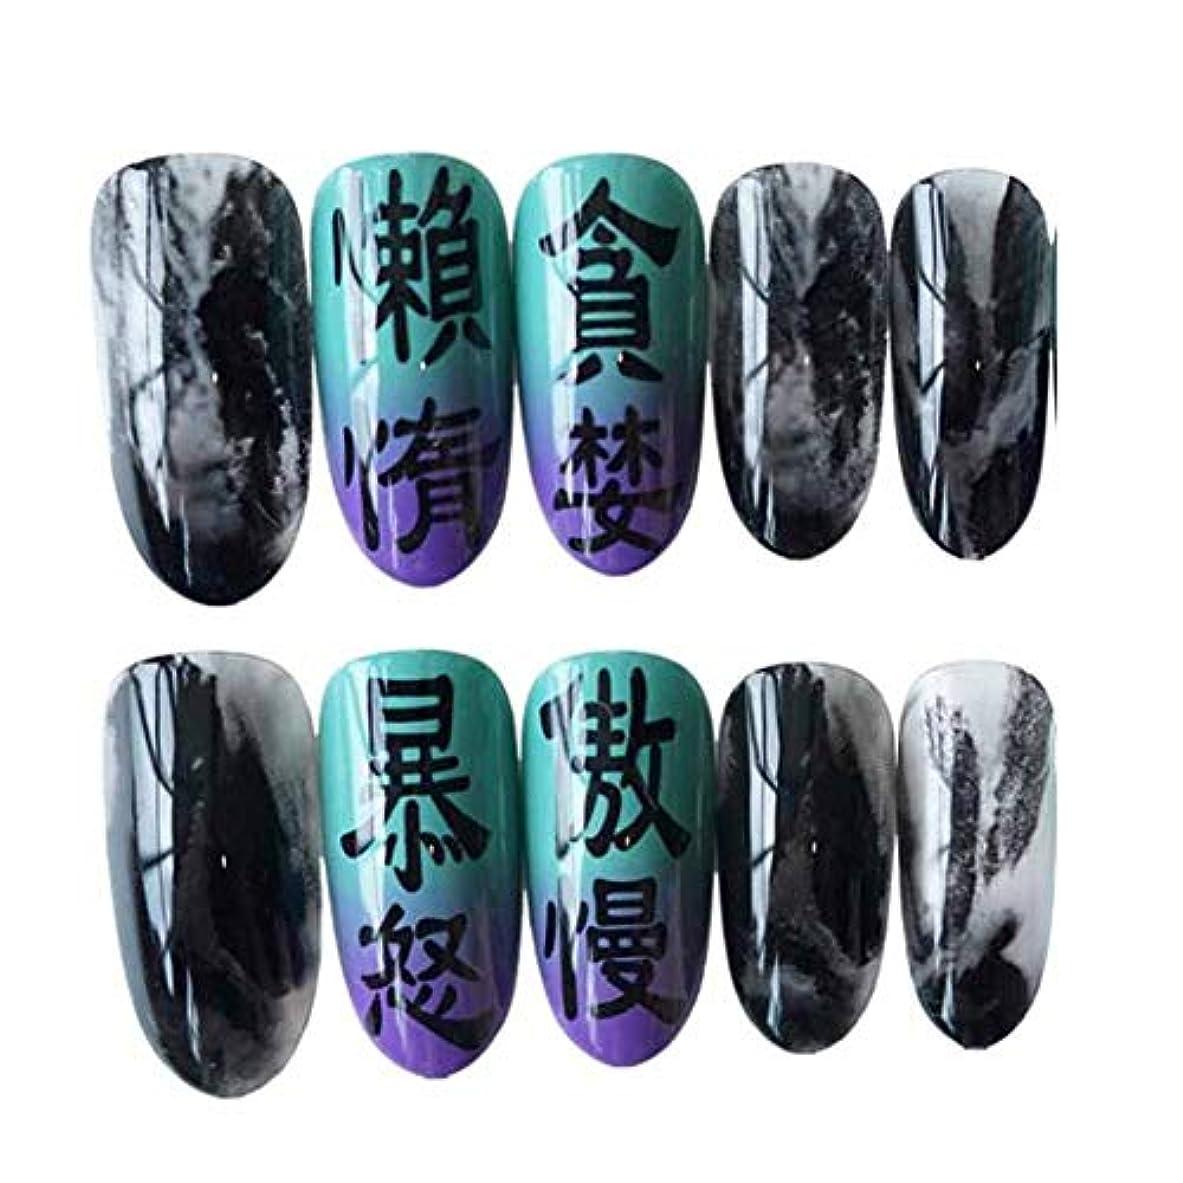 ラウズバスルームくるみ嫉妬 - 紫/黒のシャープな偽の指爪人工的な偽の爪のヒント暗い